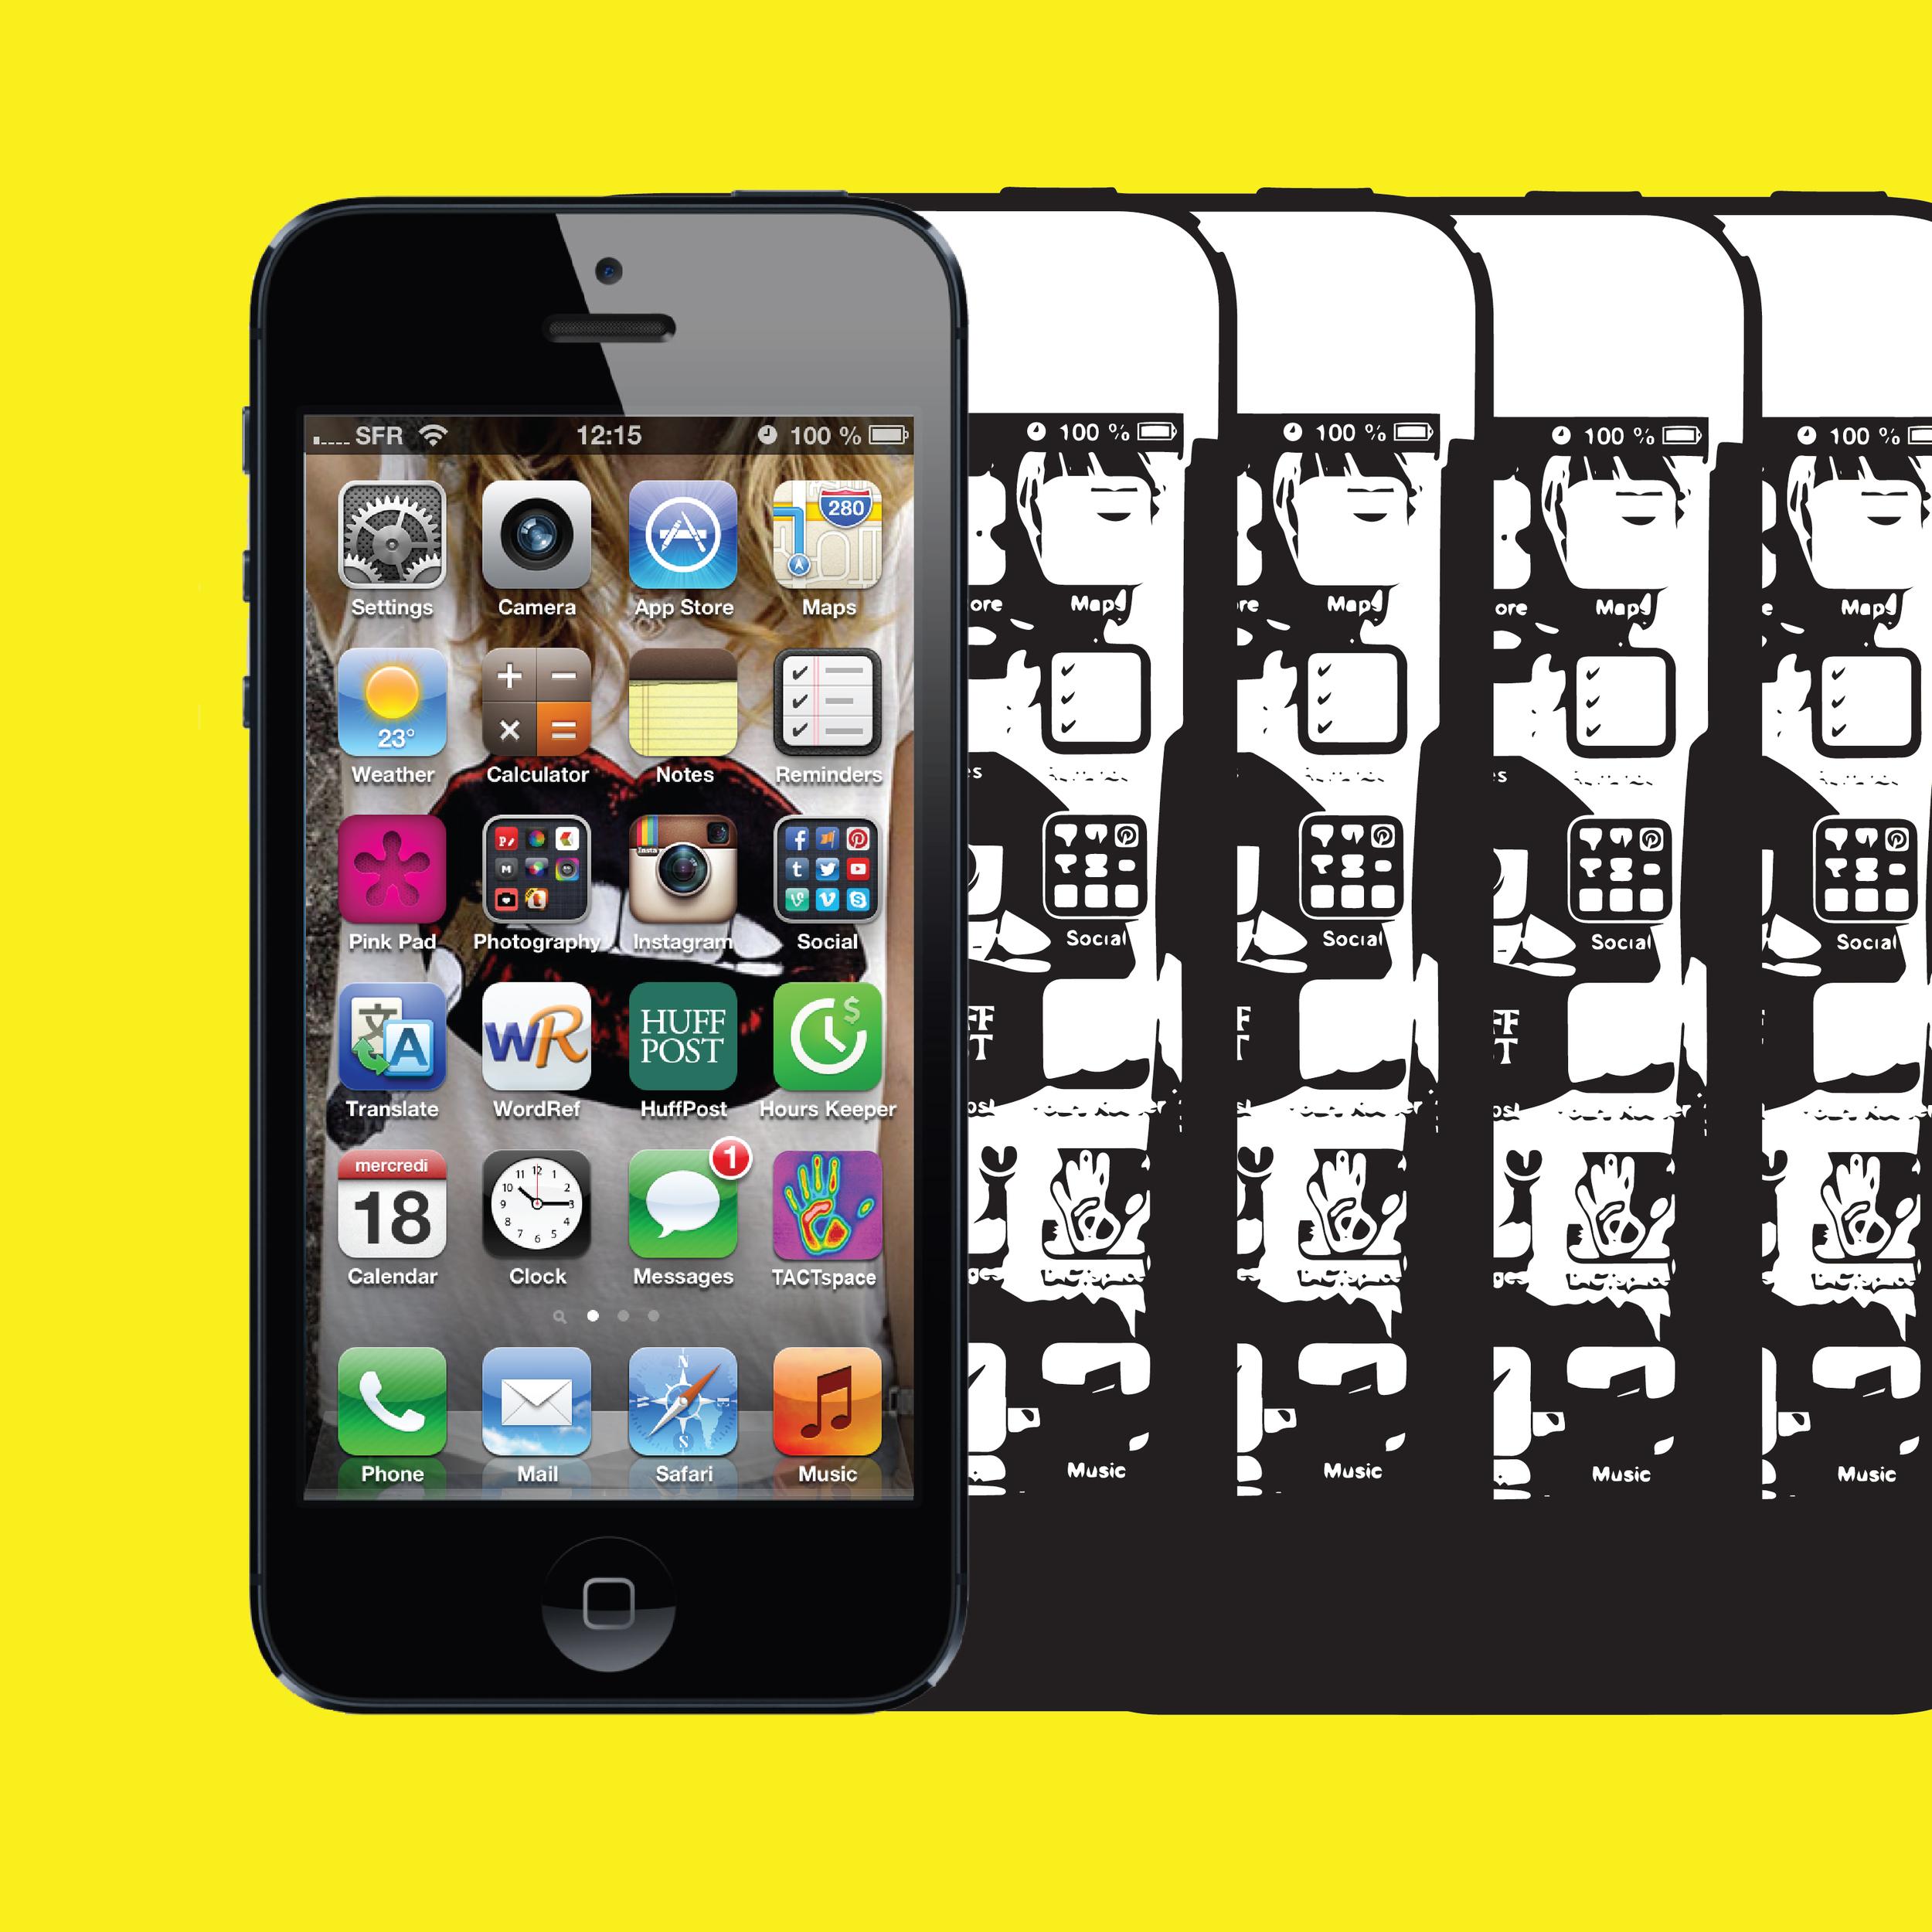 tactspace-digital-marketing-social-media-design-x-five